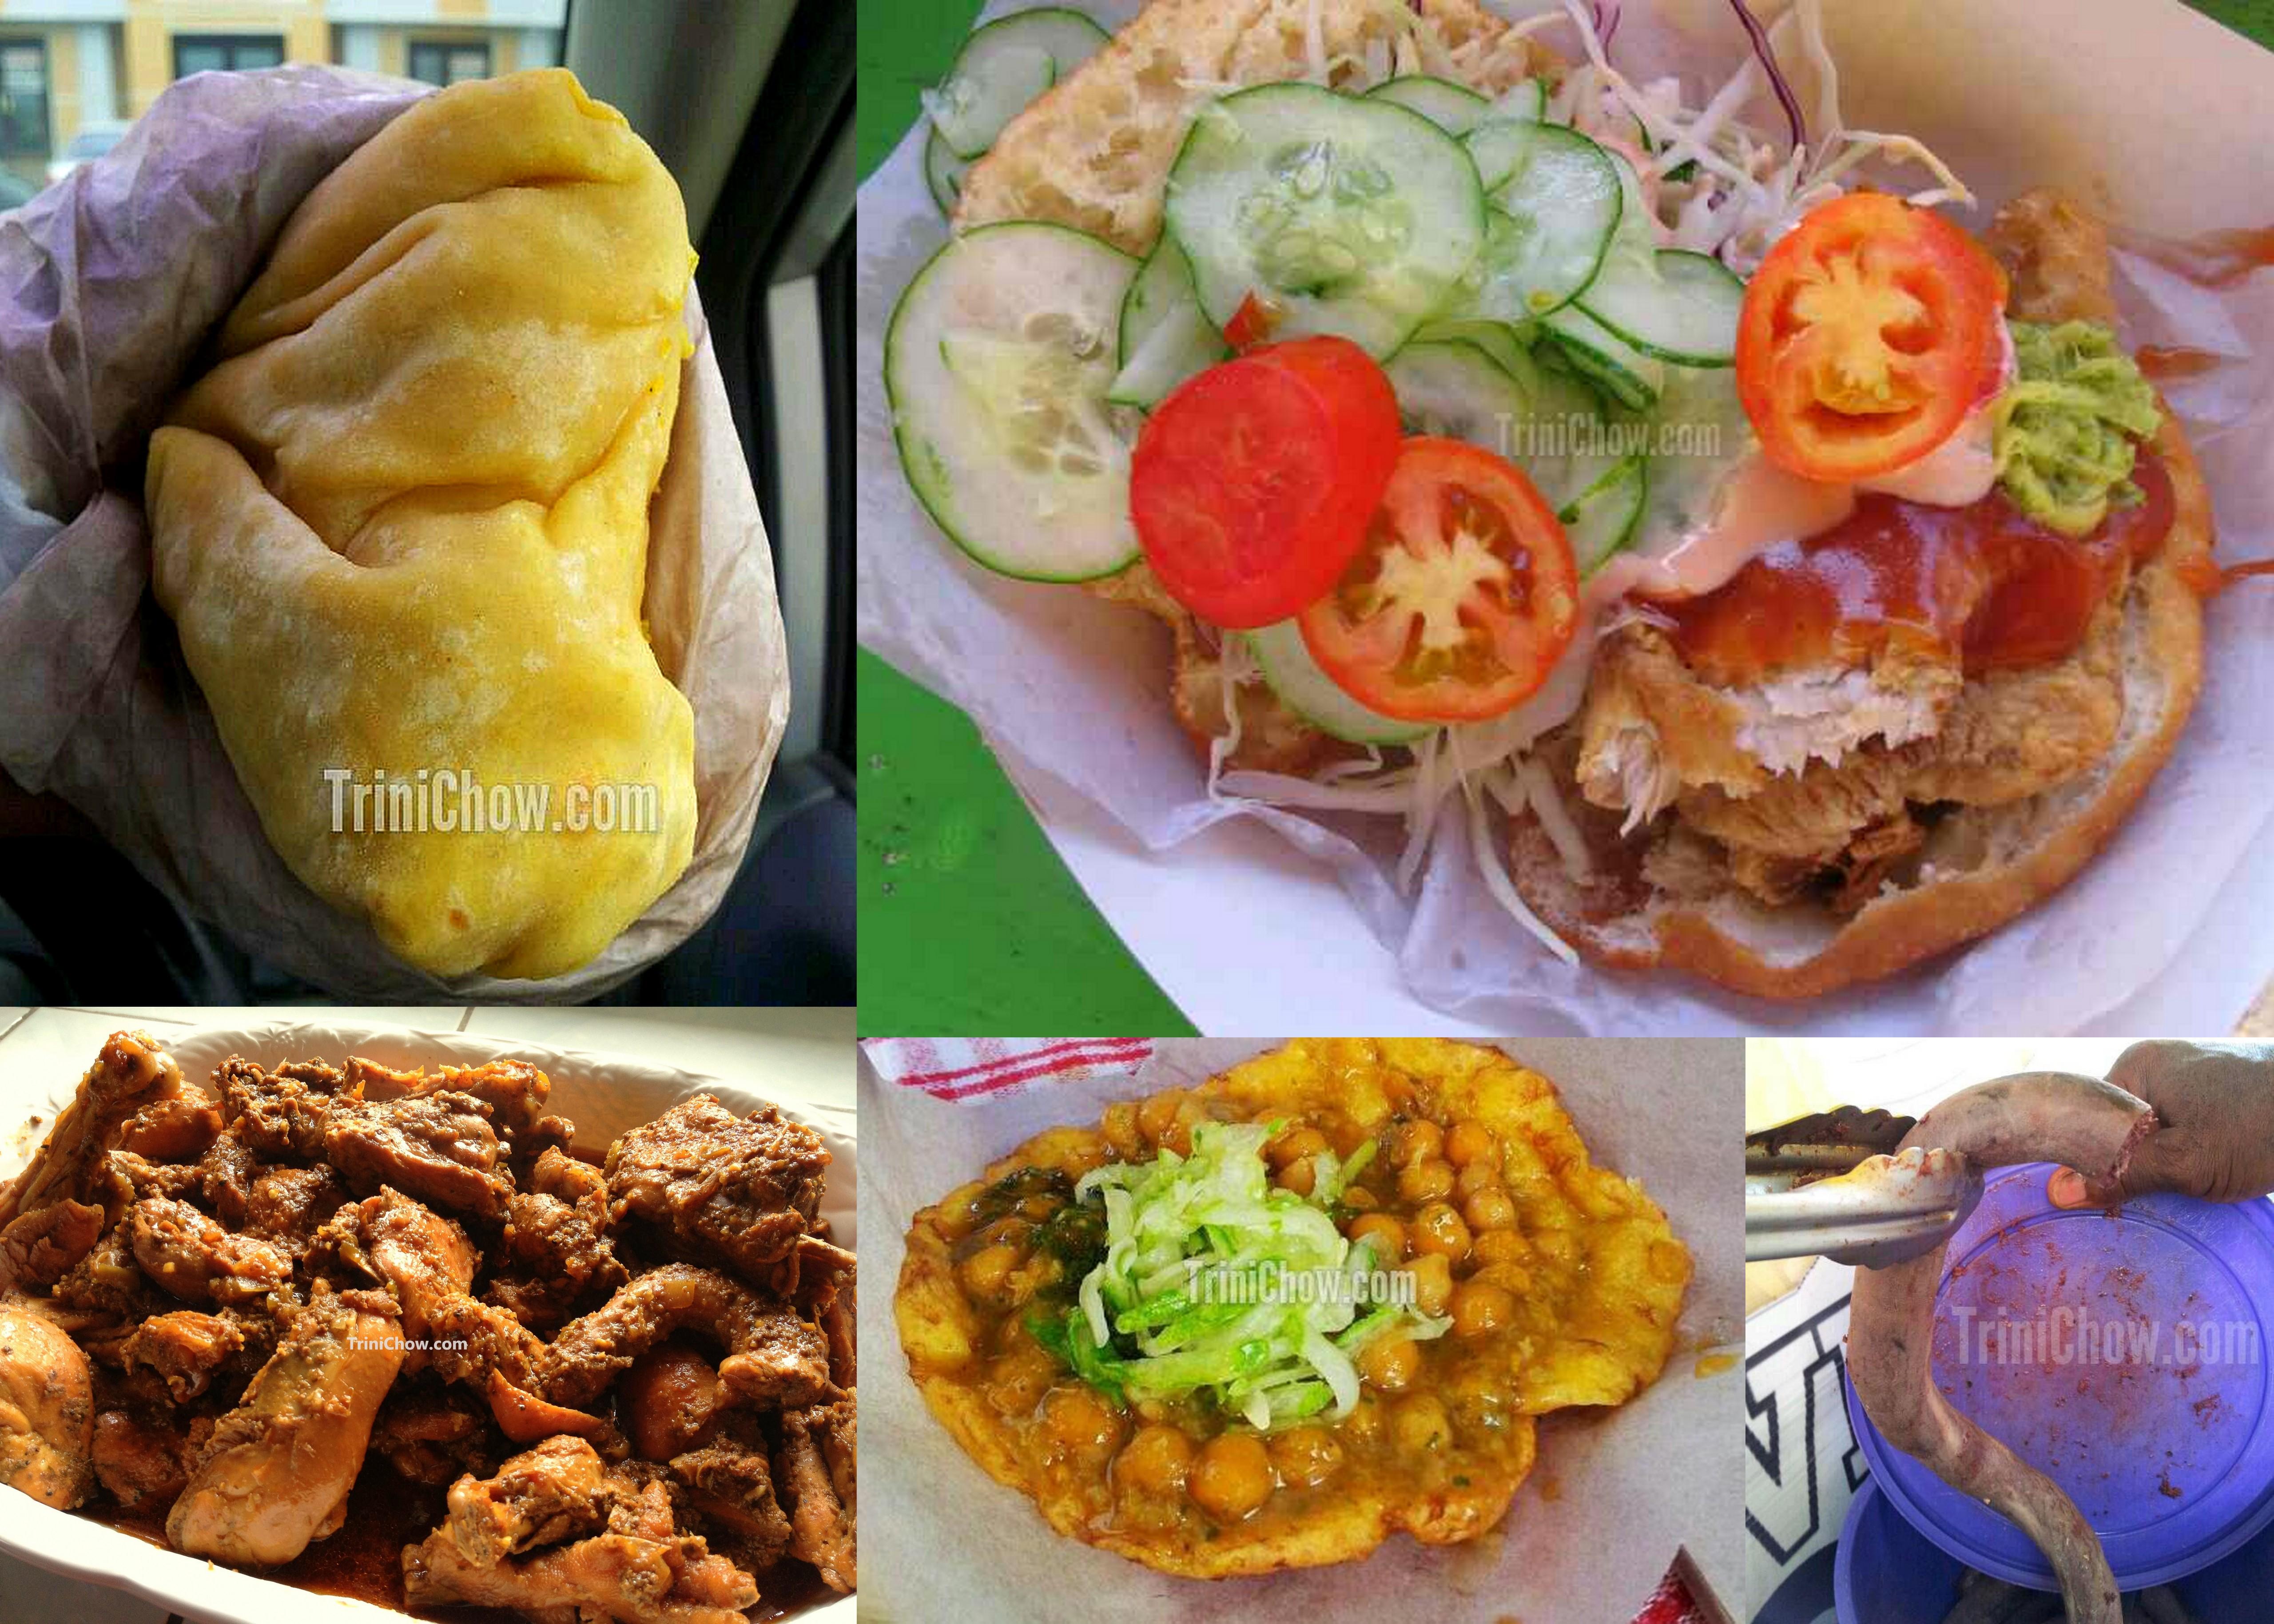 Food Delivery Trinidad And Tobago